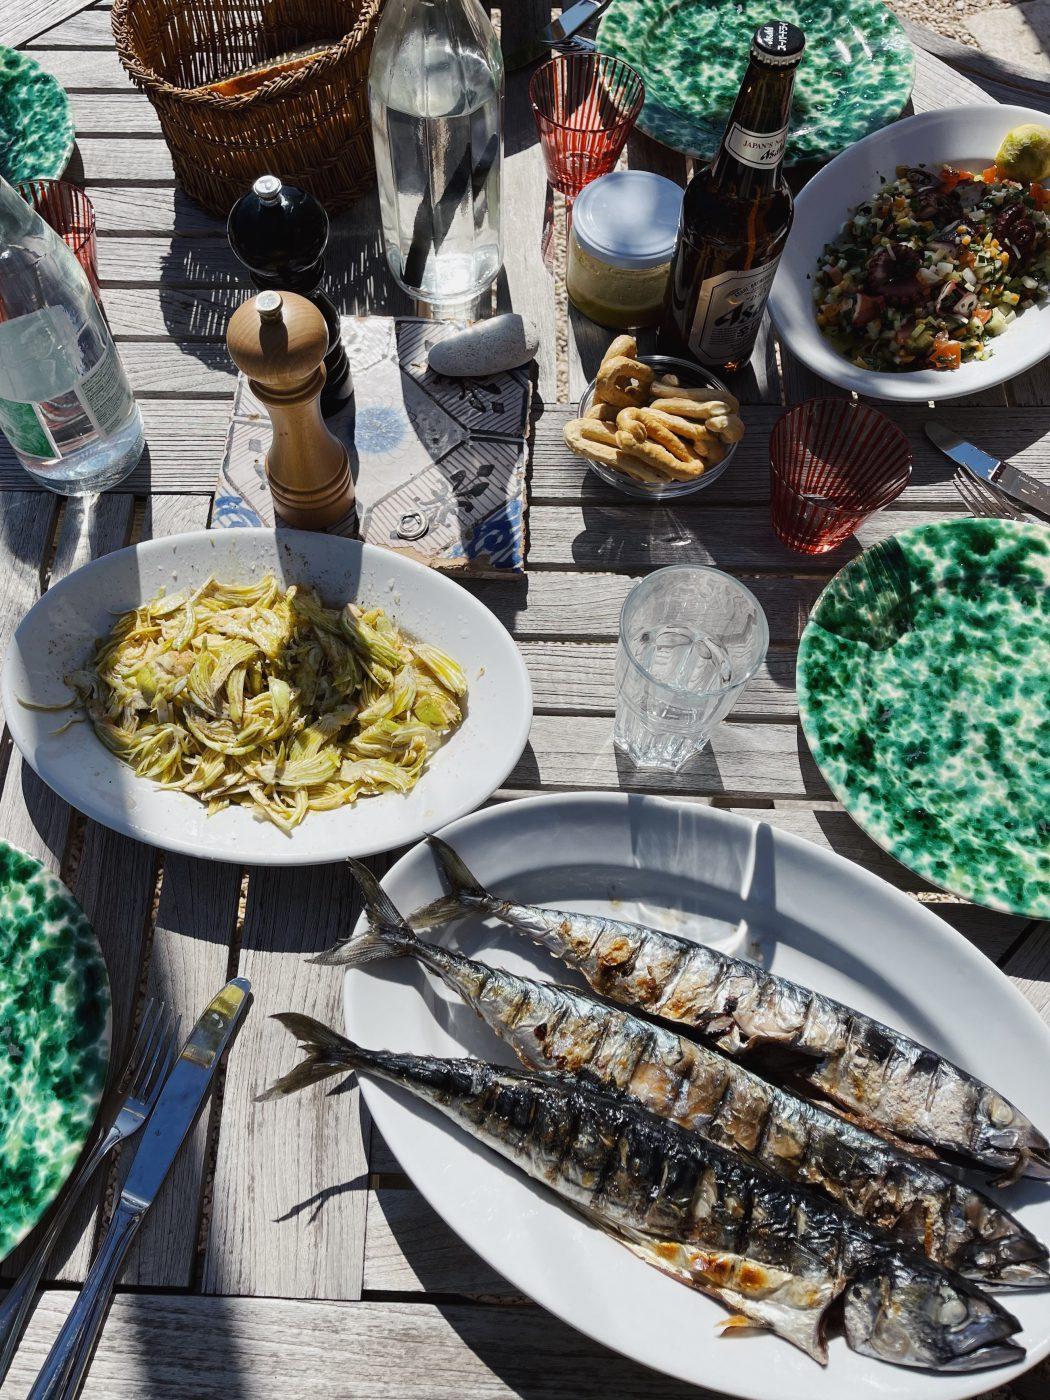 Seafood meal - Sardines